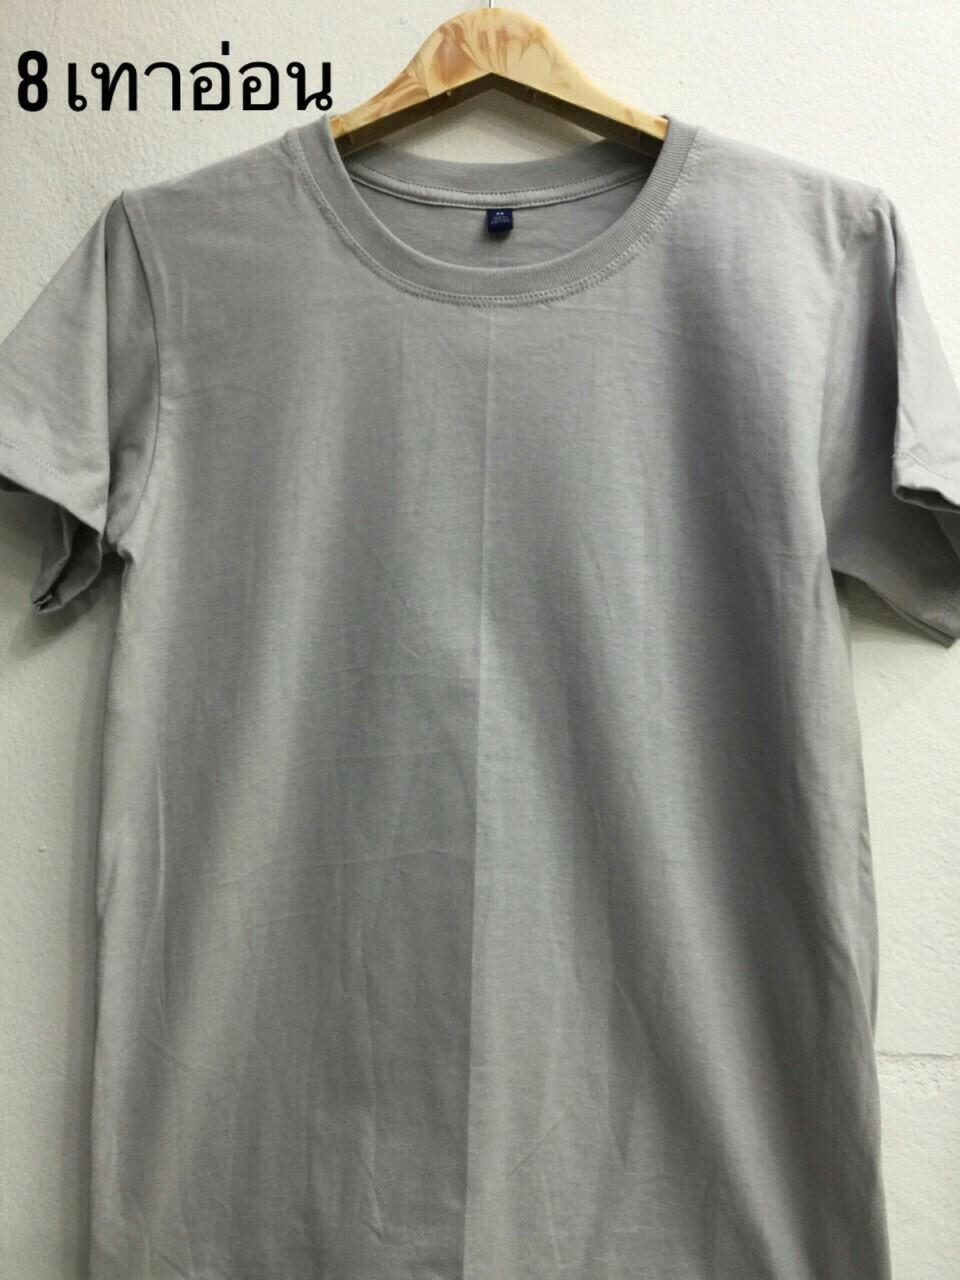 เสื้อ Cotton สีเทาอ่อน ไซส์ S,M,L